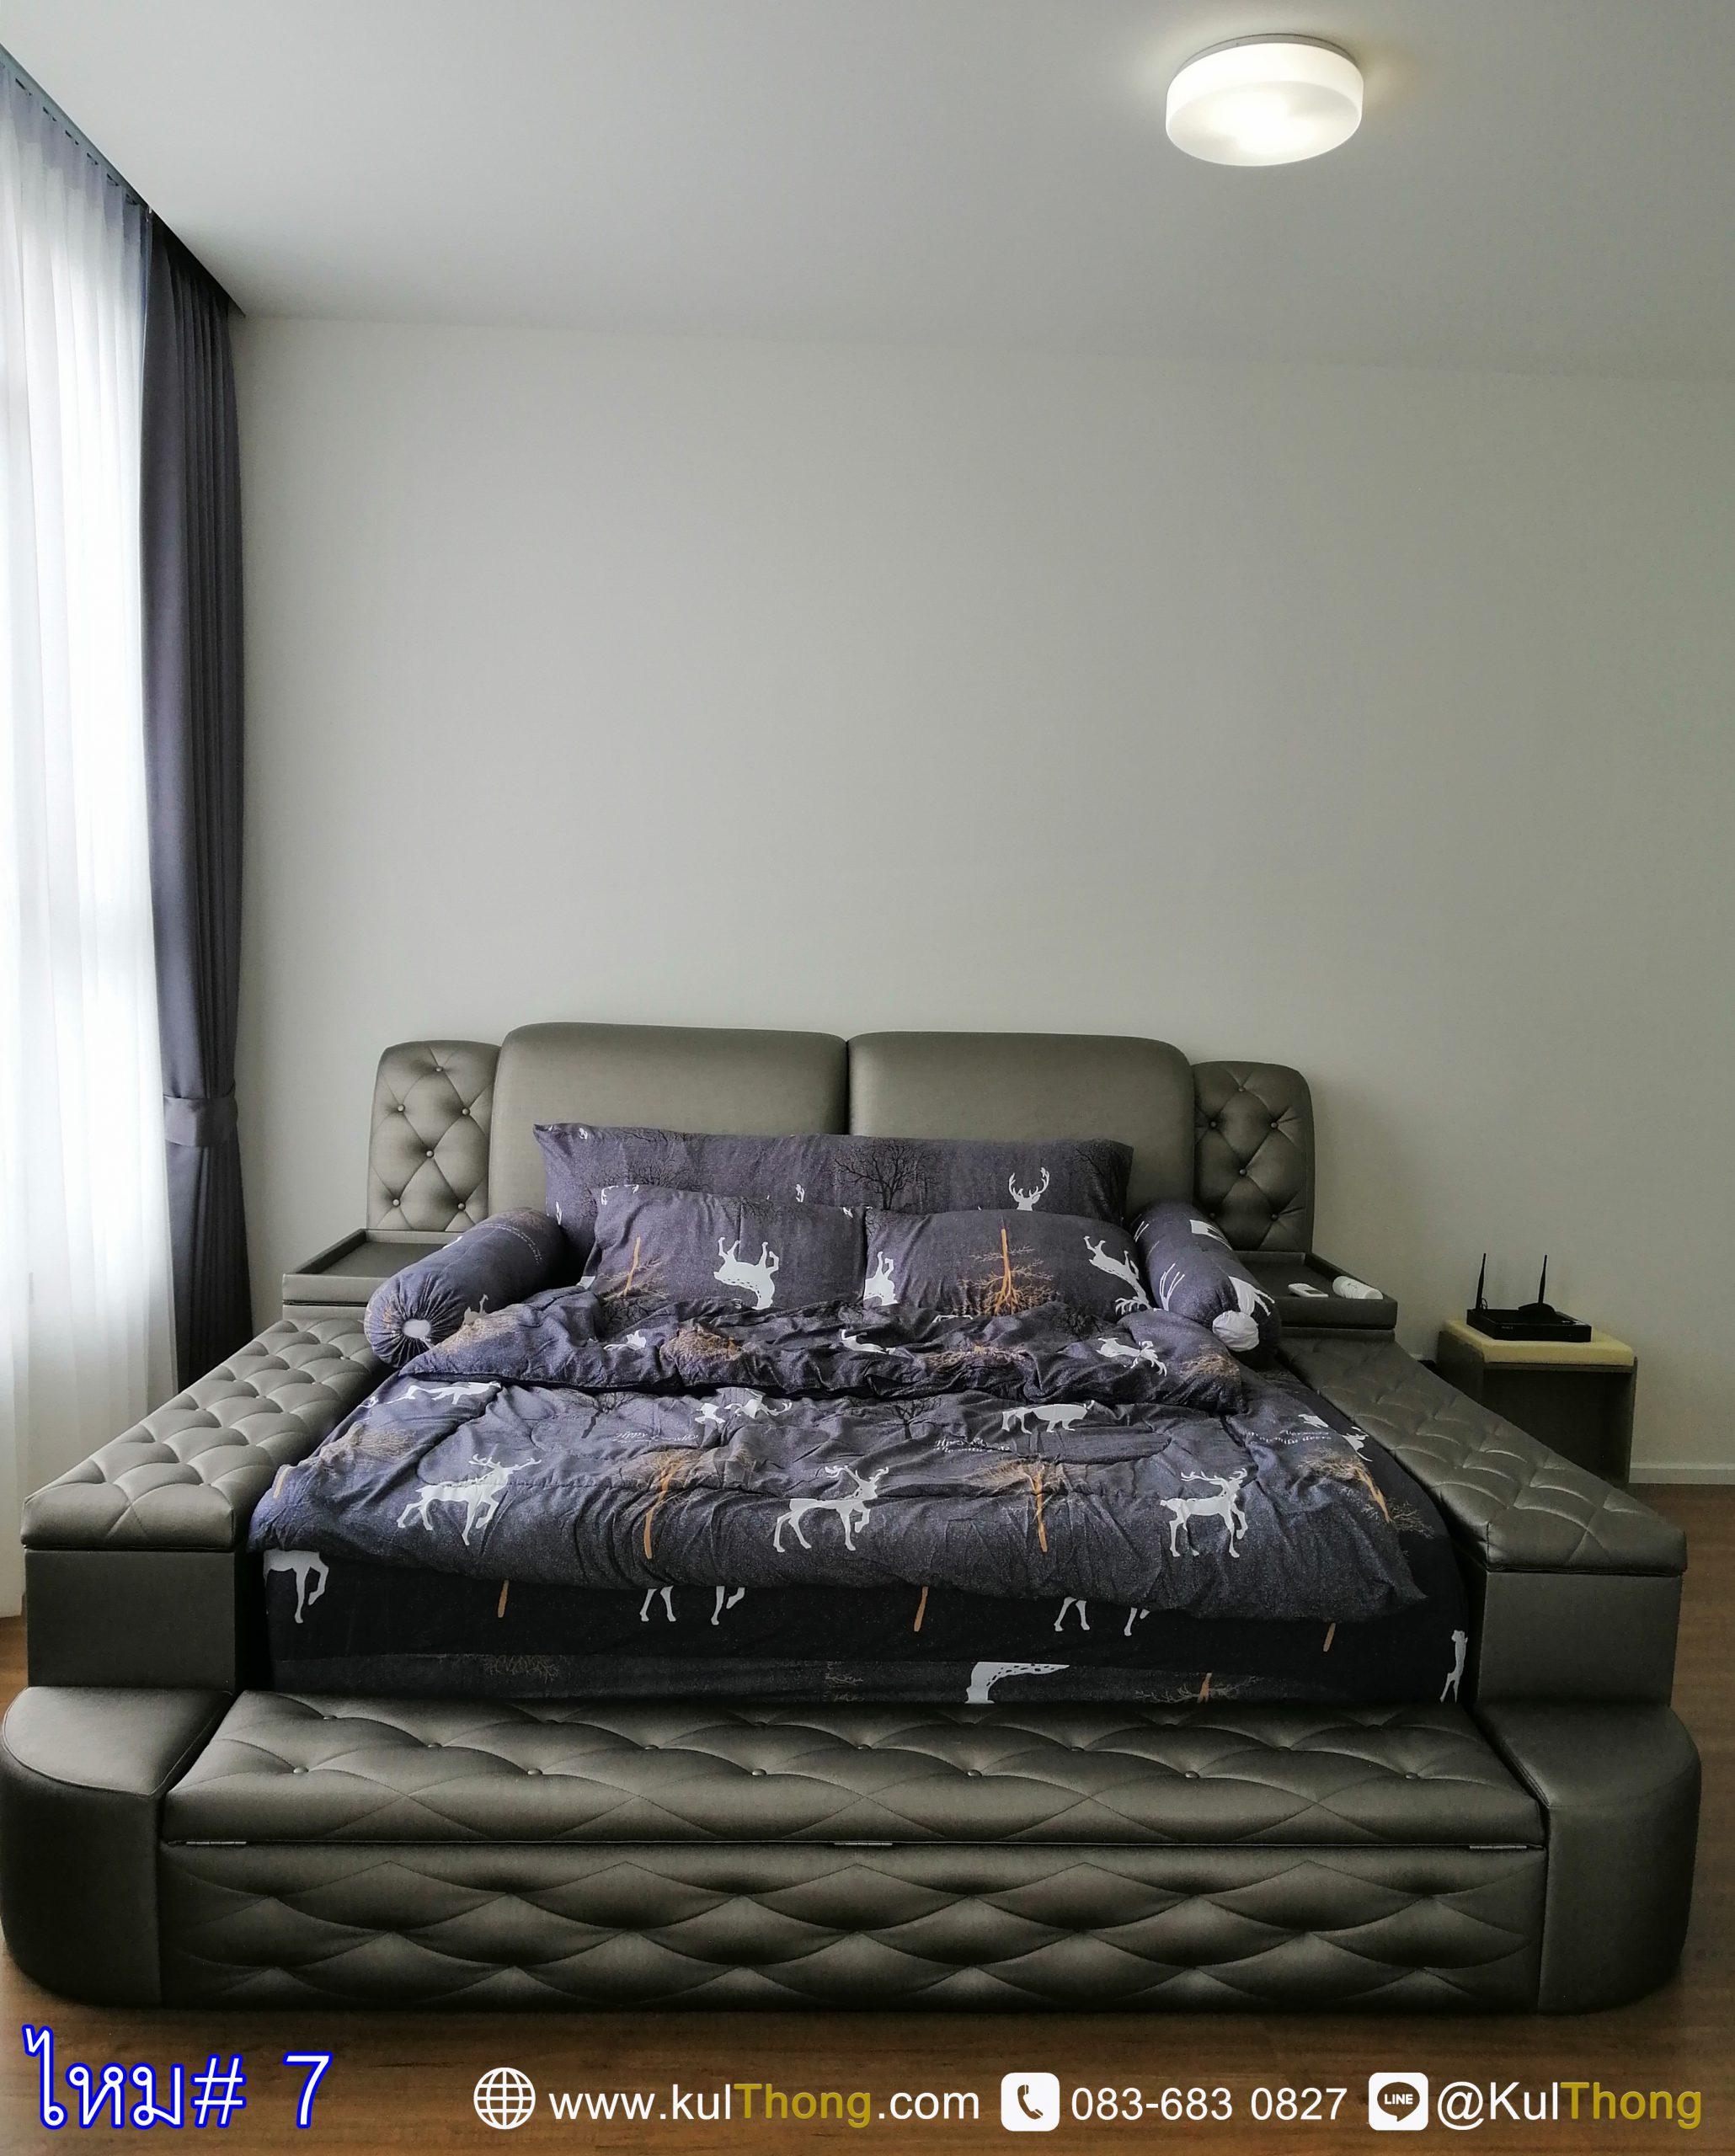 เตียงกล่องเก็บของ เตียงมีกล่อง เตียงกล่องหุ้มหนัง